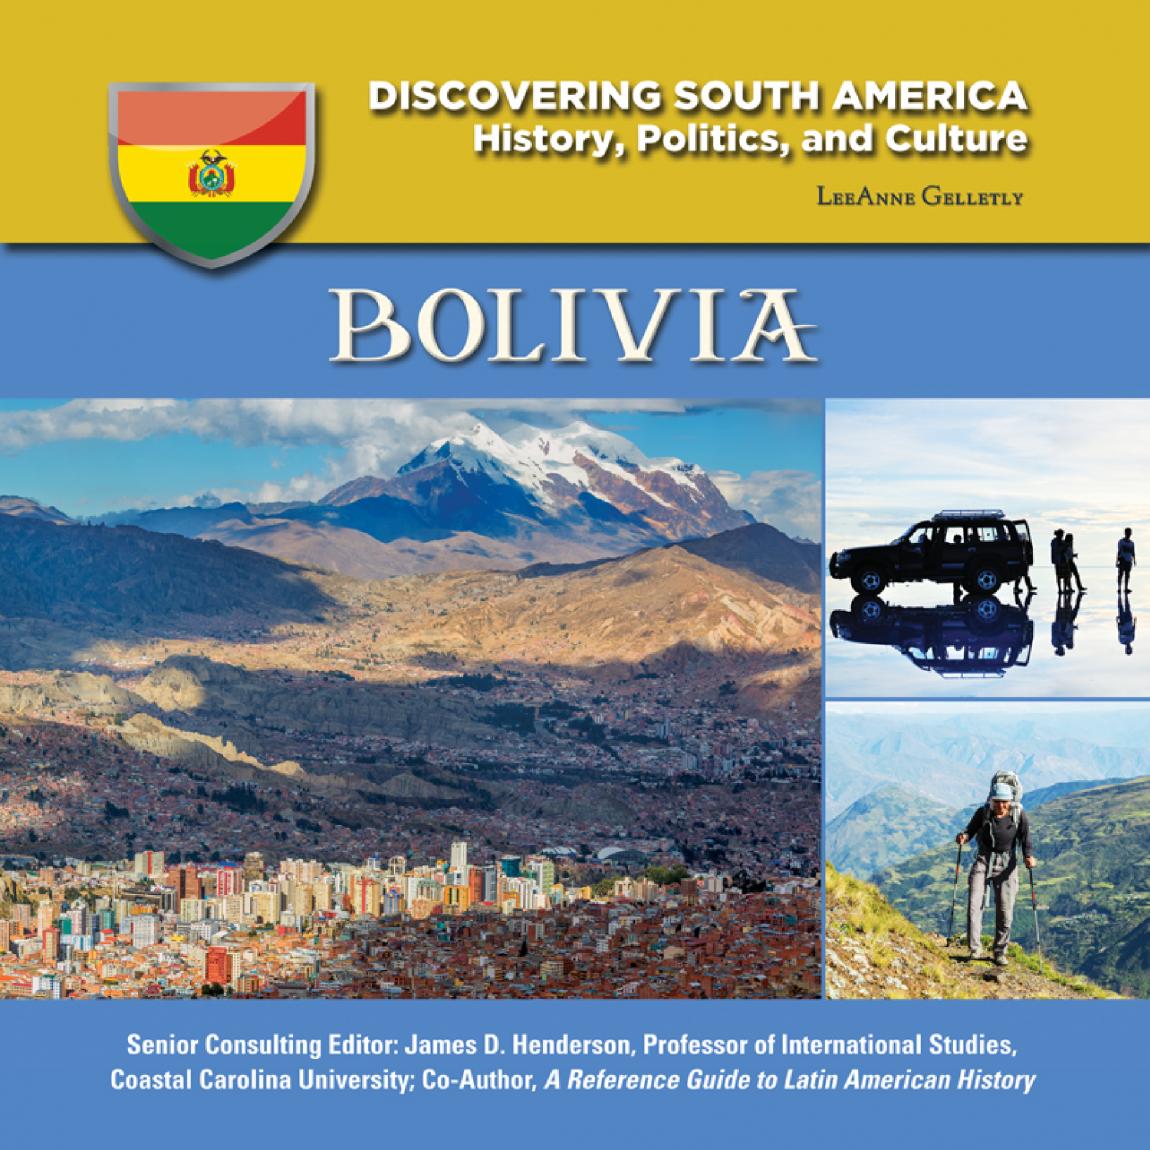 bolivia-01.png